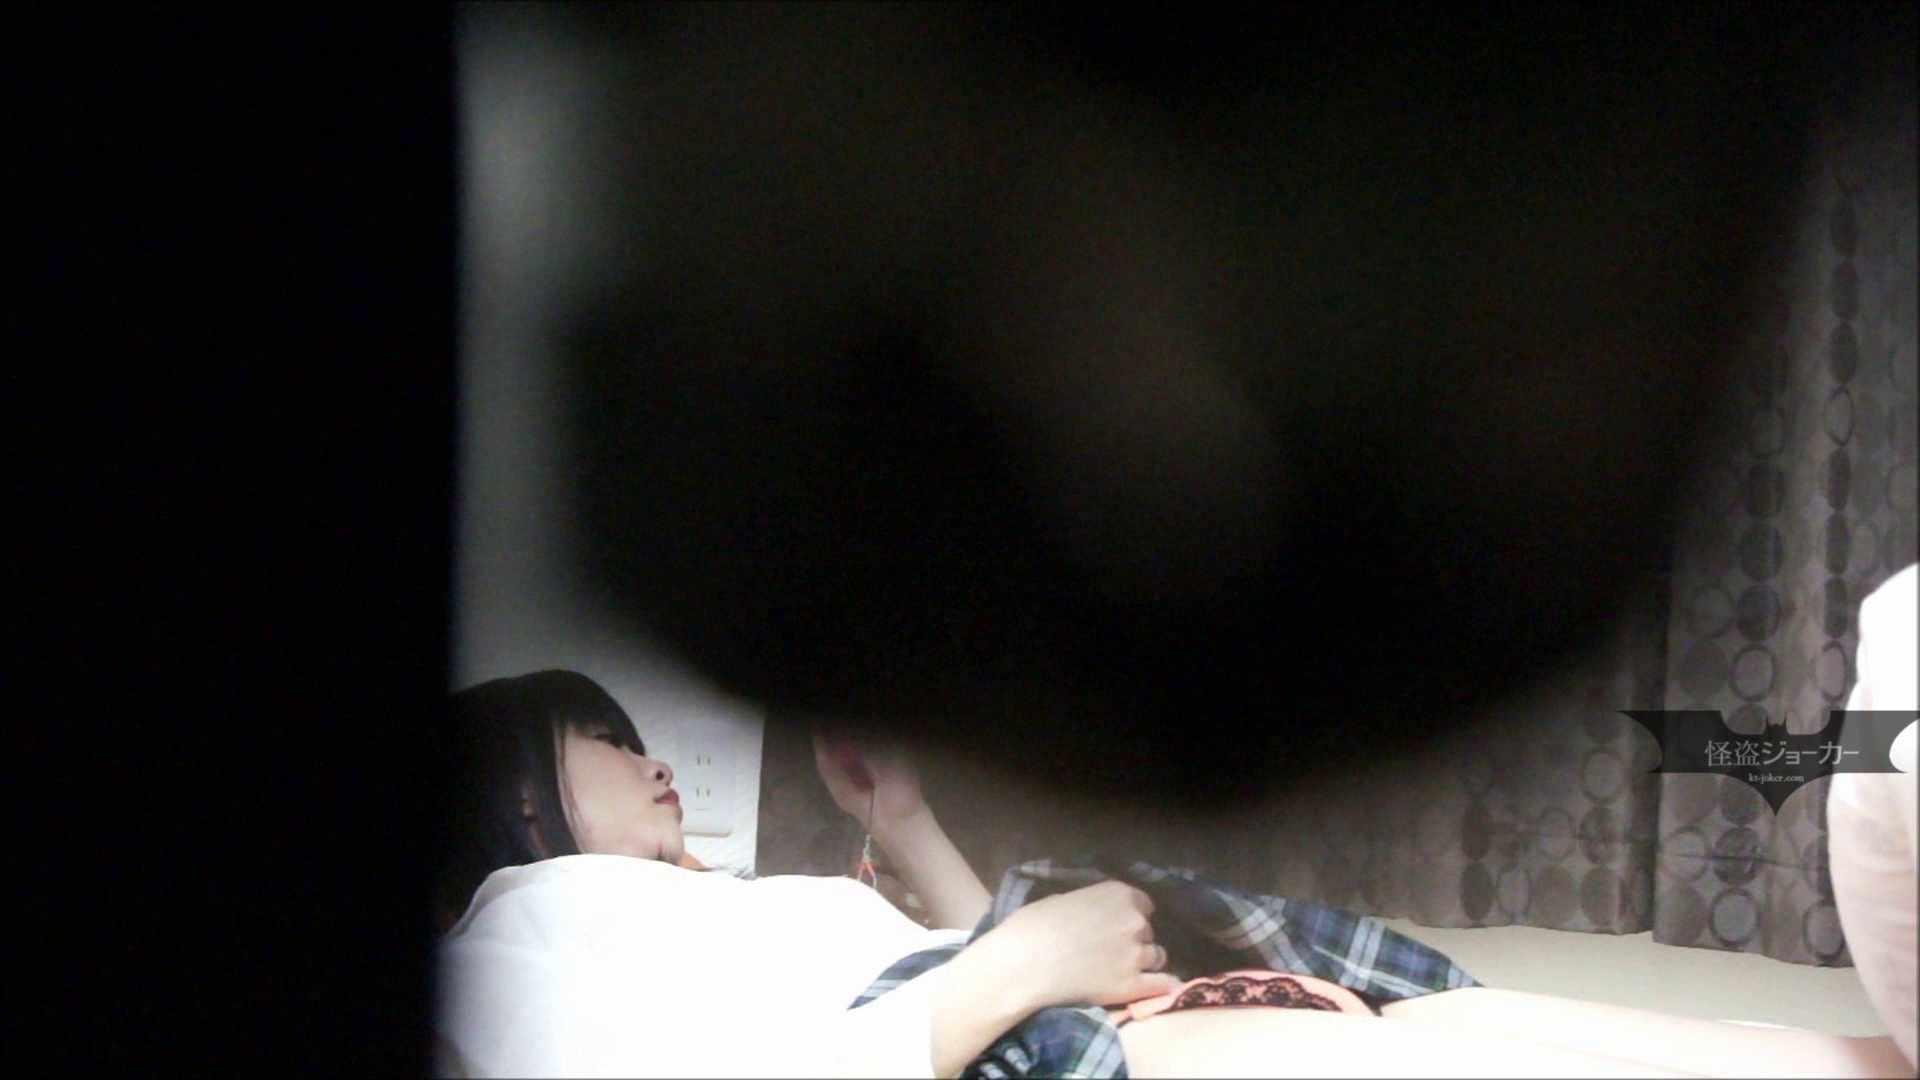 【未公開】vol.54【小春】脱衣所とオナニー隠し撮り 脱衣所   高画質  81画像 26